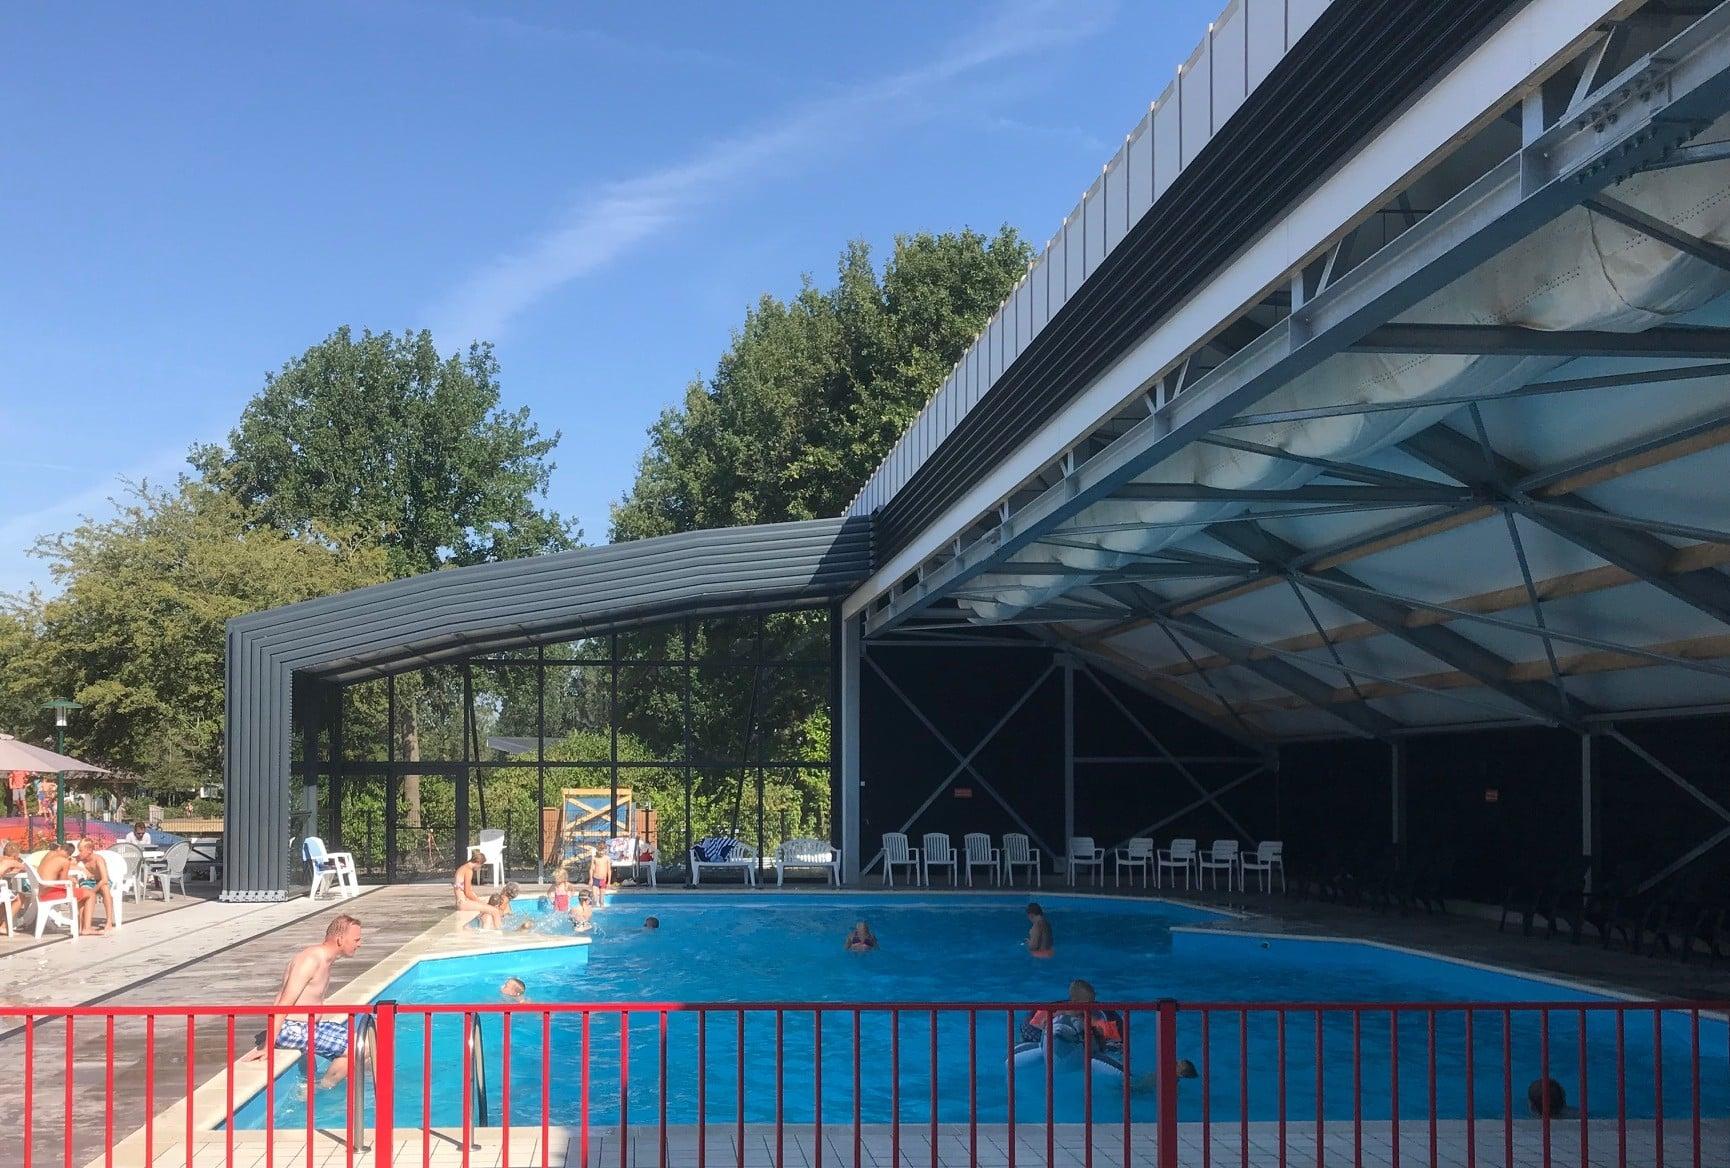 Überdachungen für öffentliche Einrichtungen - Rheezerveen, Niederlande